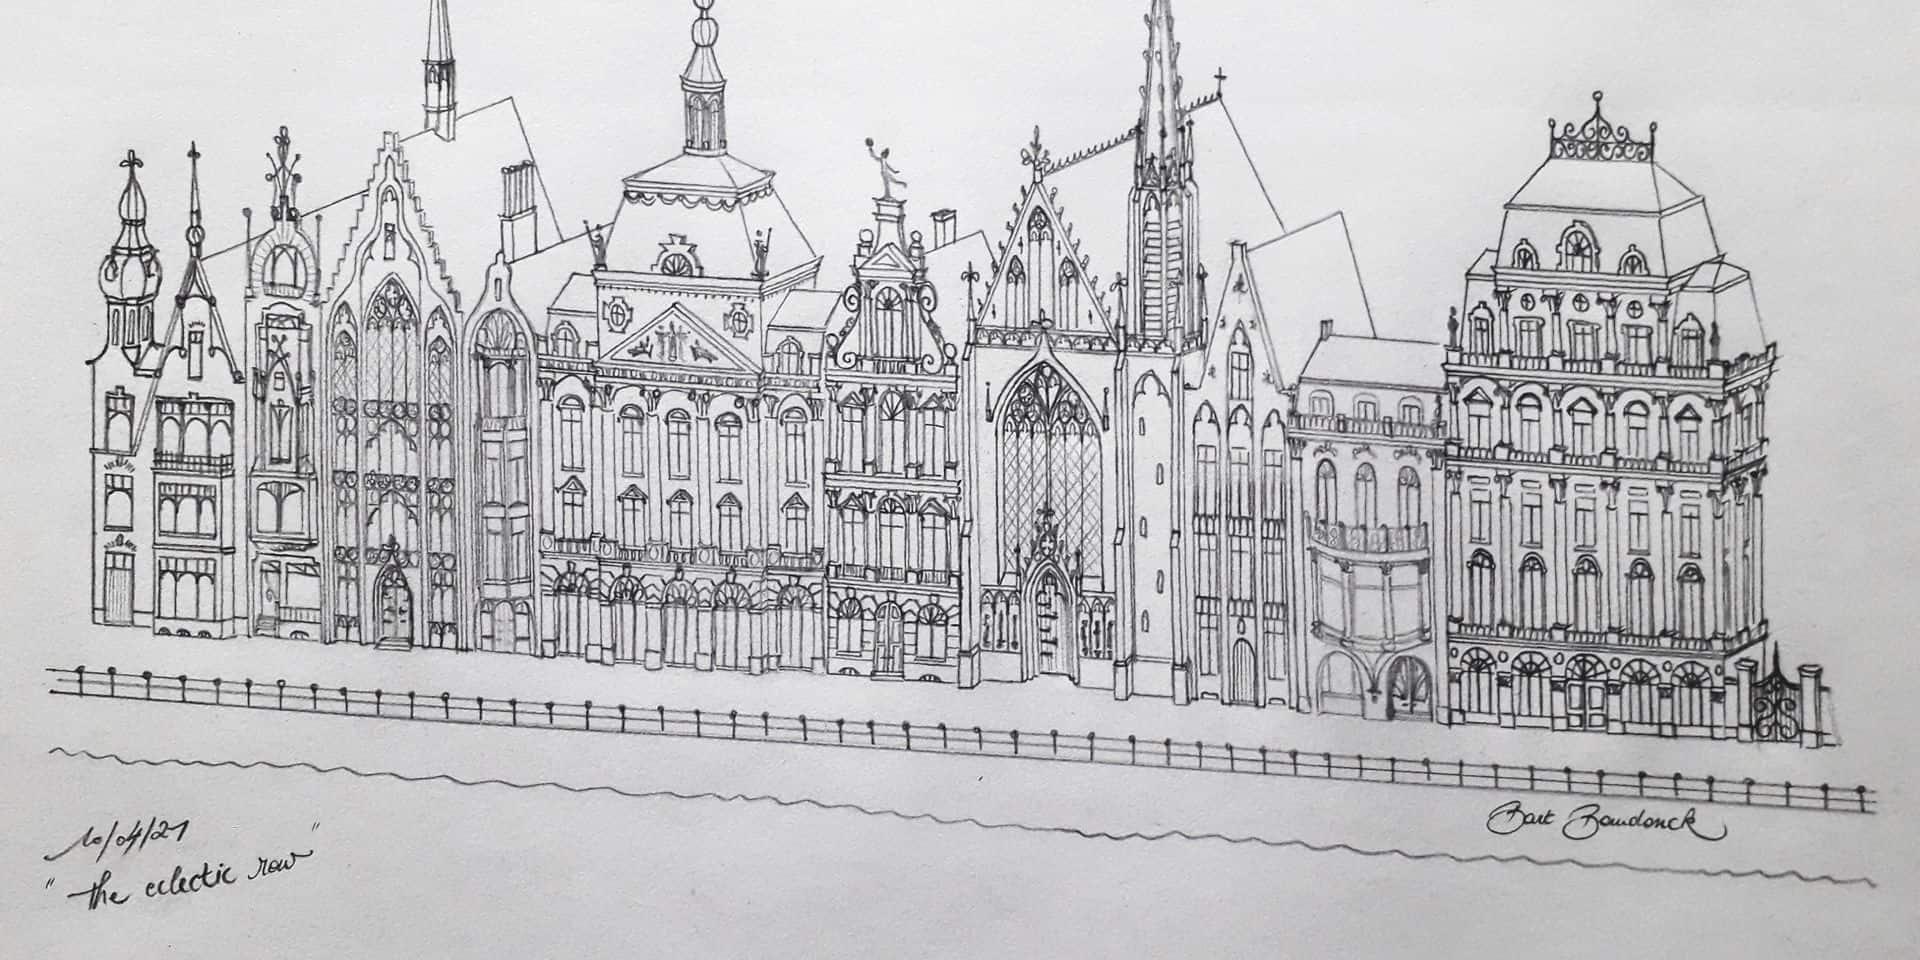 Embellir Liège en remettant l'architecture traditionnelle au cœur des préoccupations